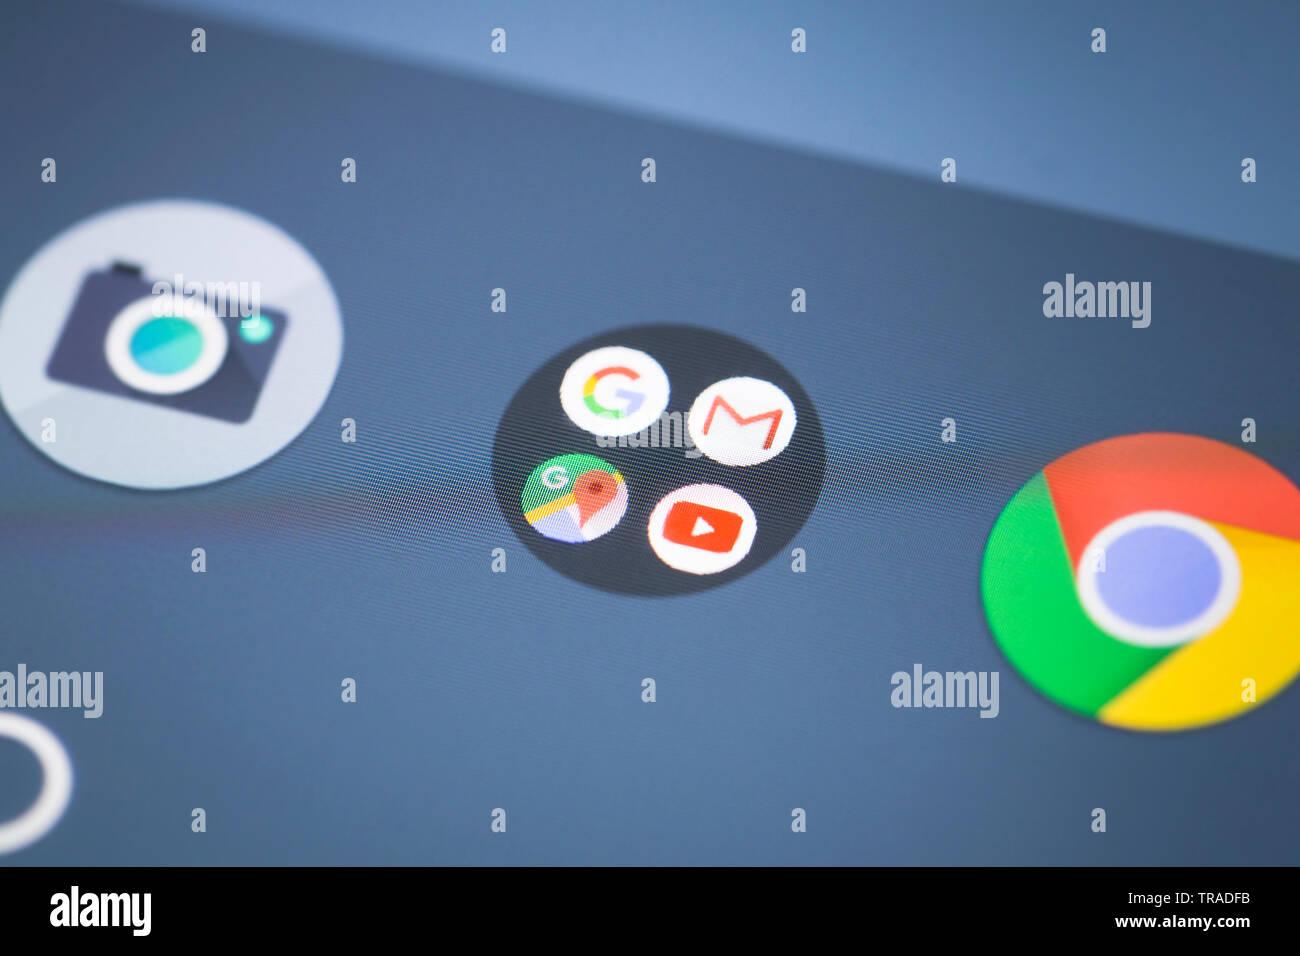 Logo Google Apps icône sur l'écran du téléphone mobile Photo Stock